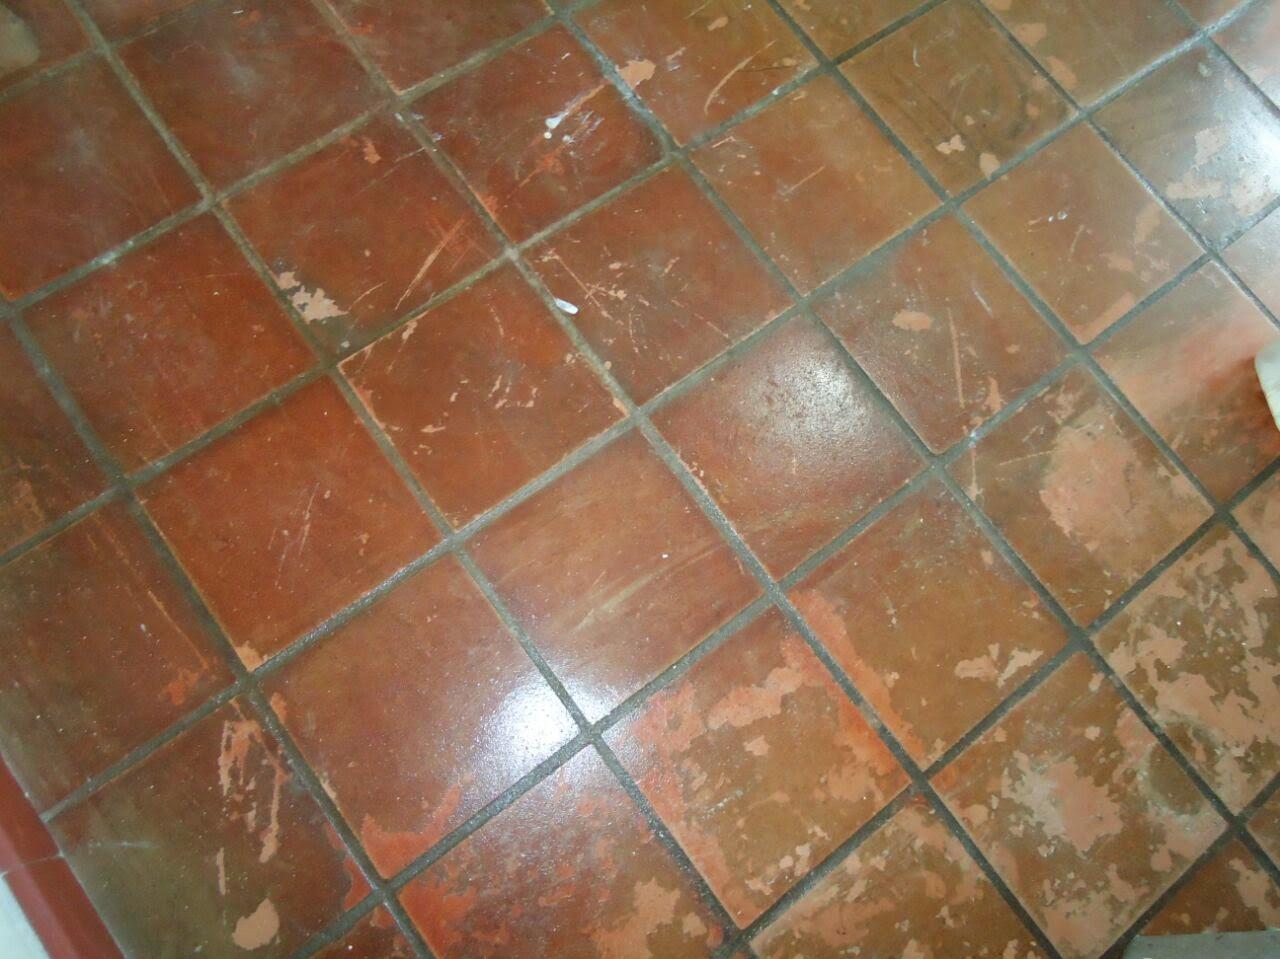 Piso ceramica restaurado impermeabilizado s o paulo 05 for Pisos de ceramica